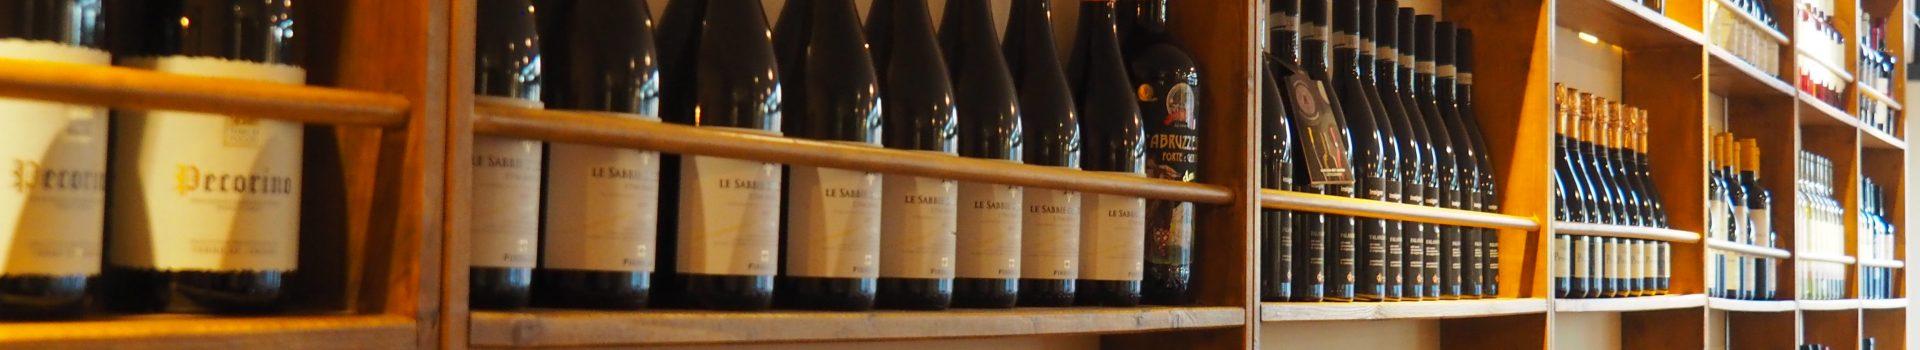 Trattoria Vino e Cucina | Teltow